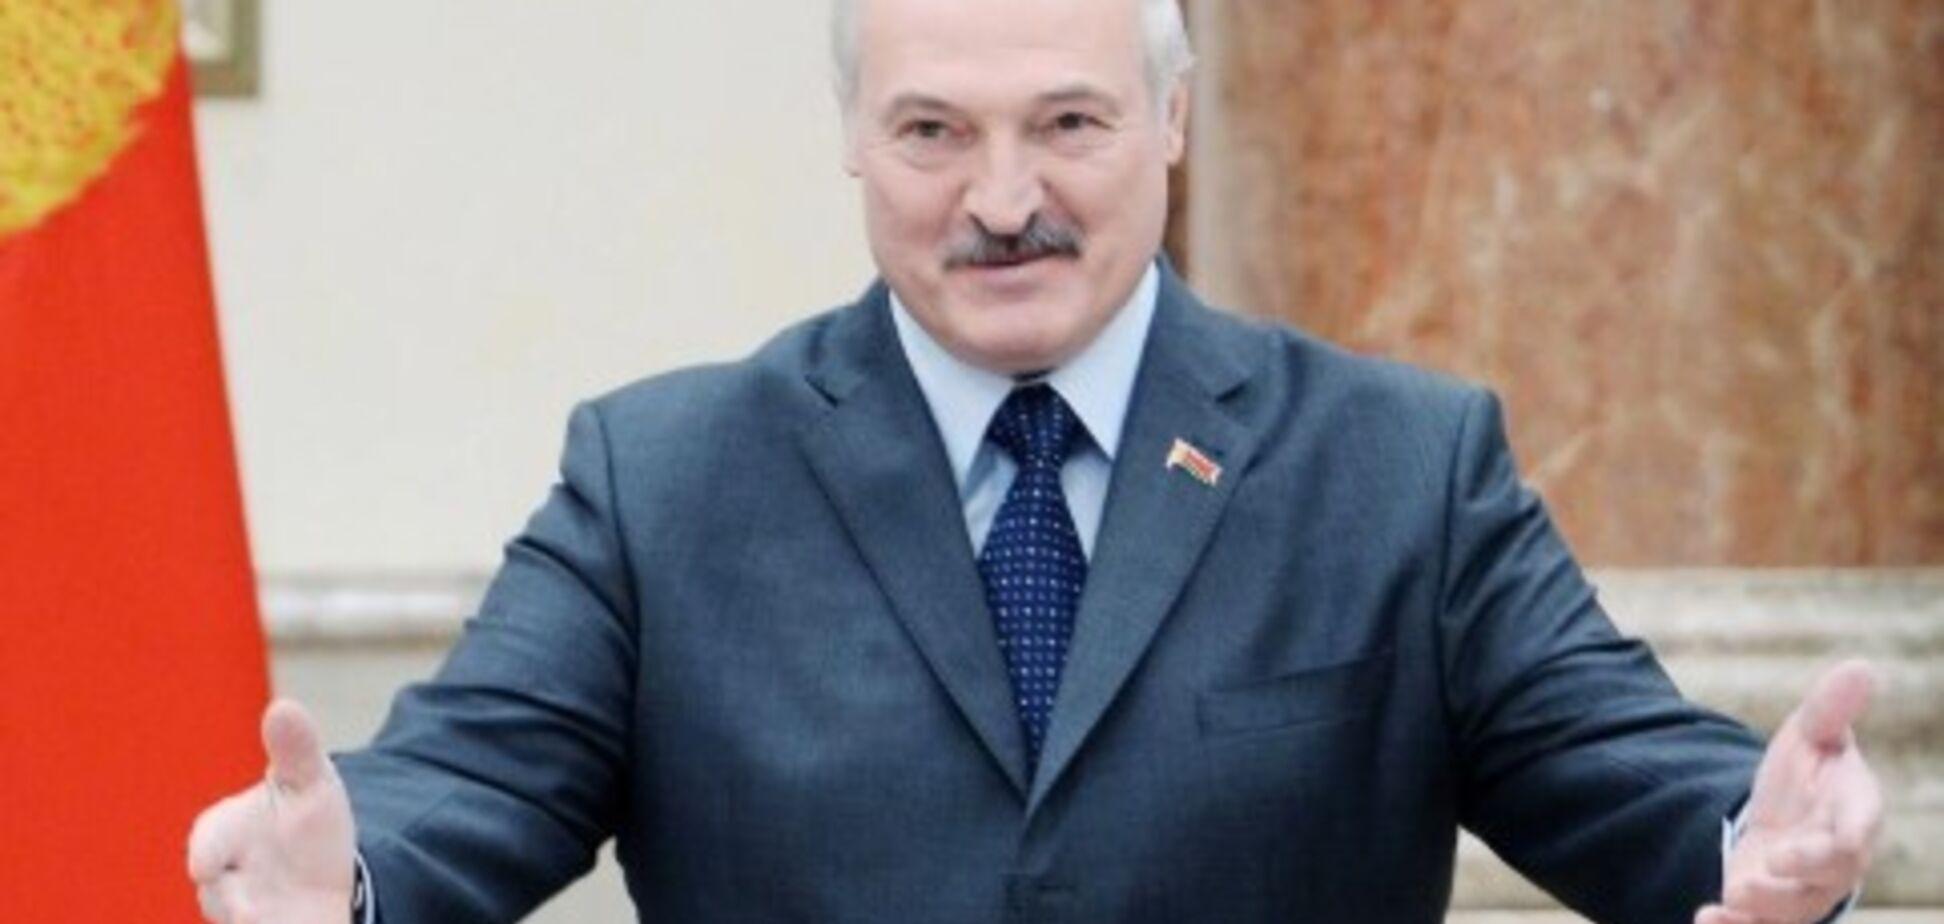 Диктатор на побегушках: почему Лукашенко предлагает Украине сдаться?